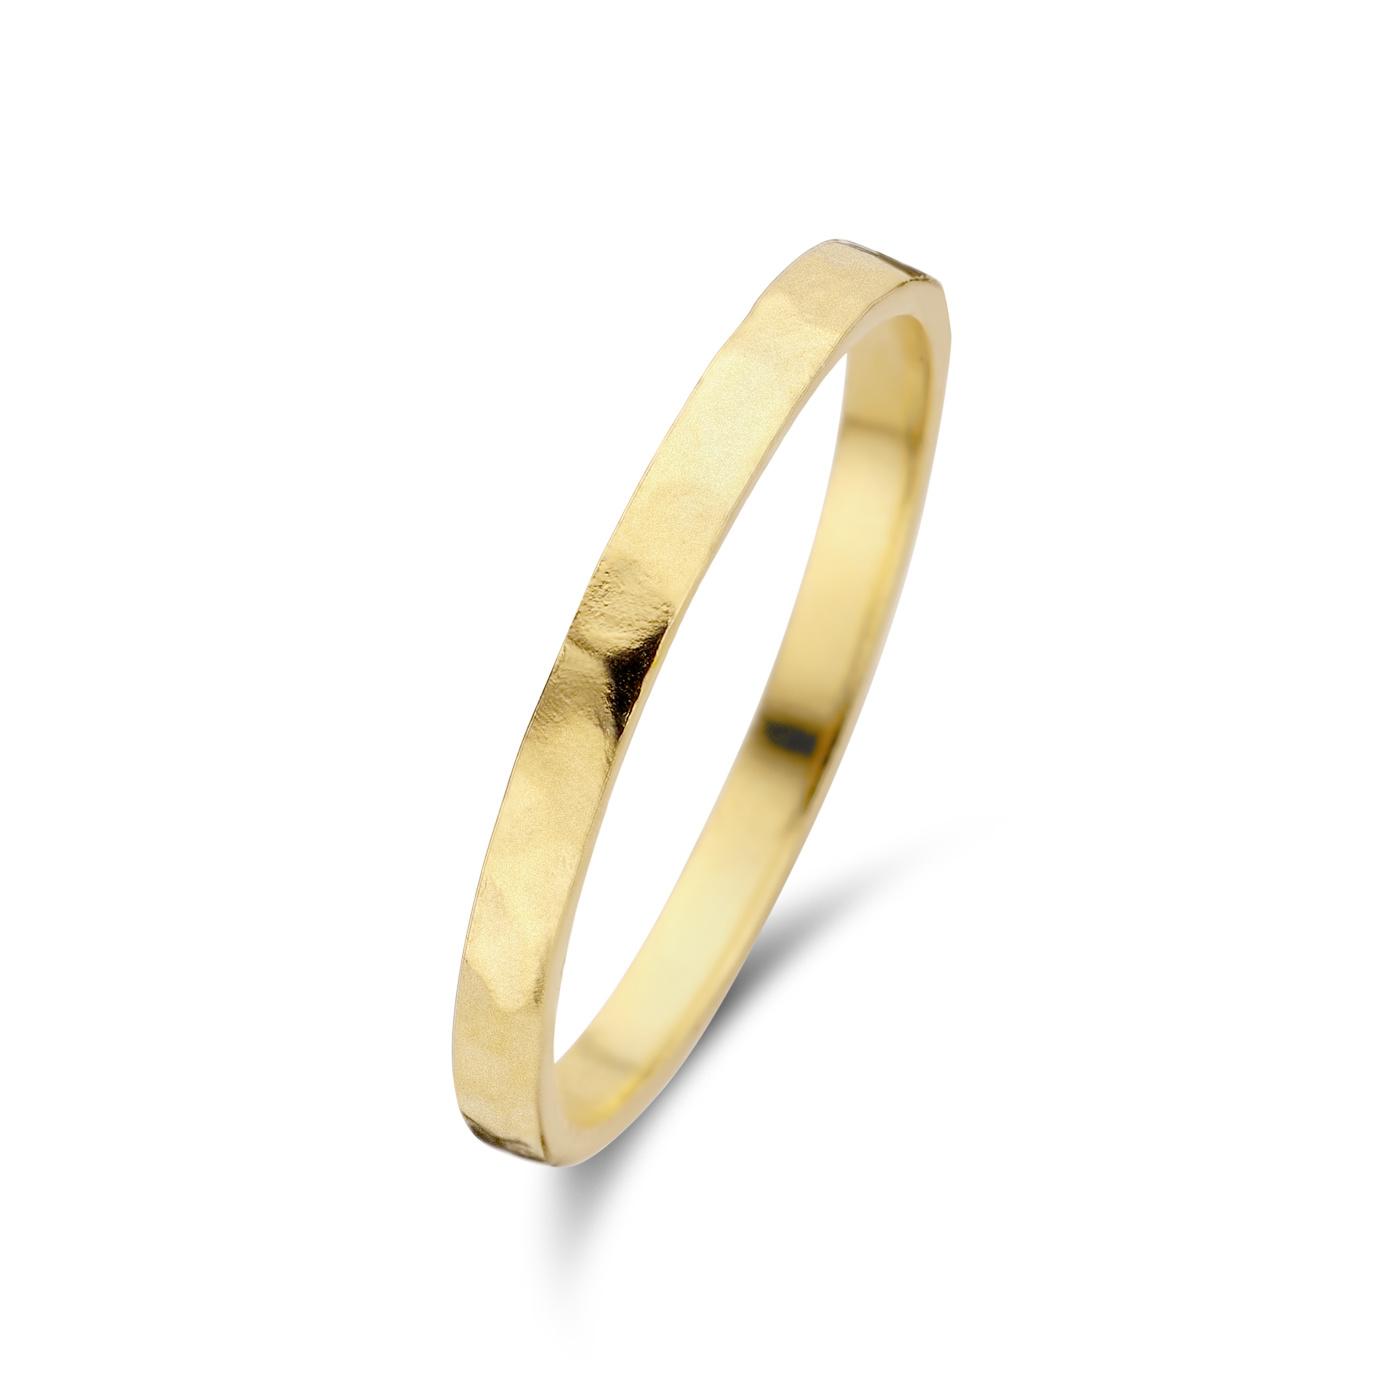 Violet Hamden Sisterhood Moonlit guldfärgad ring i 925 sterlingsilver